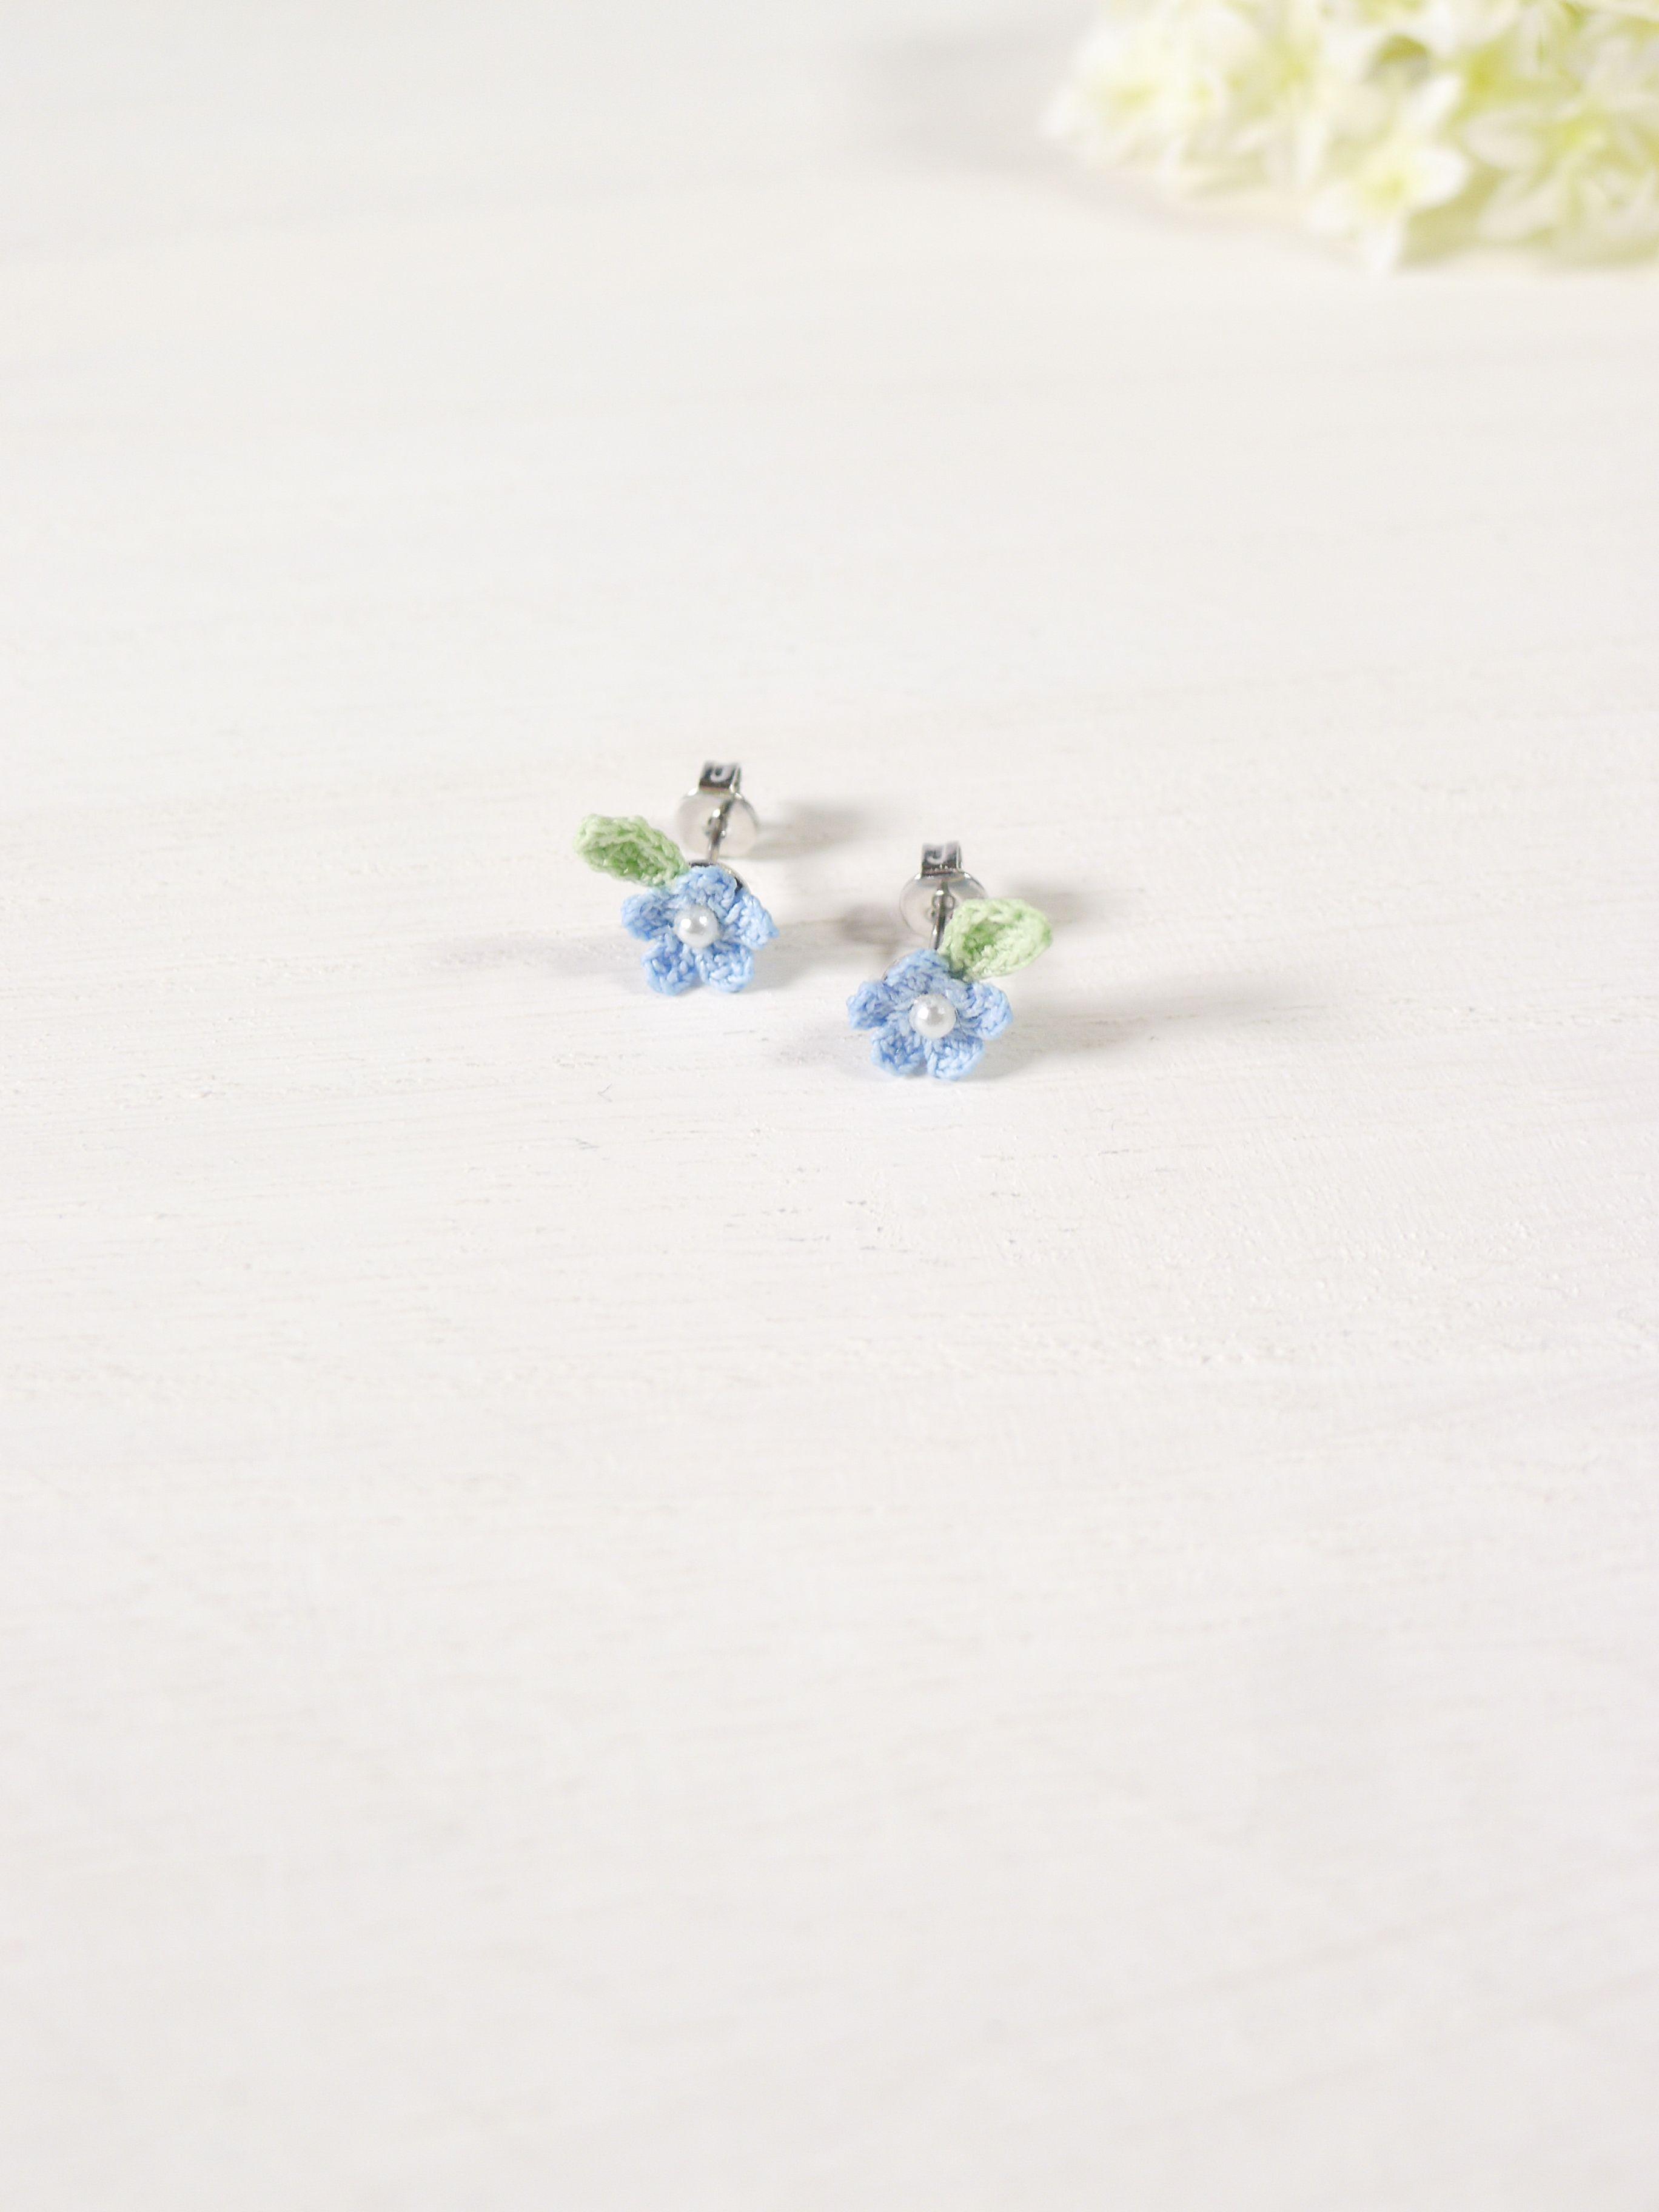 うめだスークで行われる「2017とりものしあわせものマルシェ」に出品予定の完成した作品のご紹介~! ichirinkaの5枚の花びらの小さなお花のピアスシリーズ~♪ ピンク、紫、黄 、青の各色~★